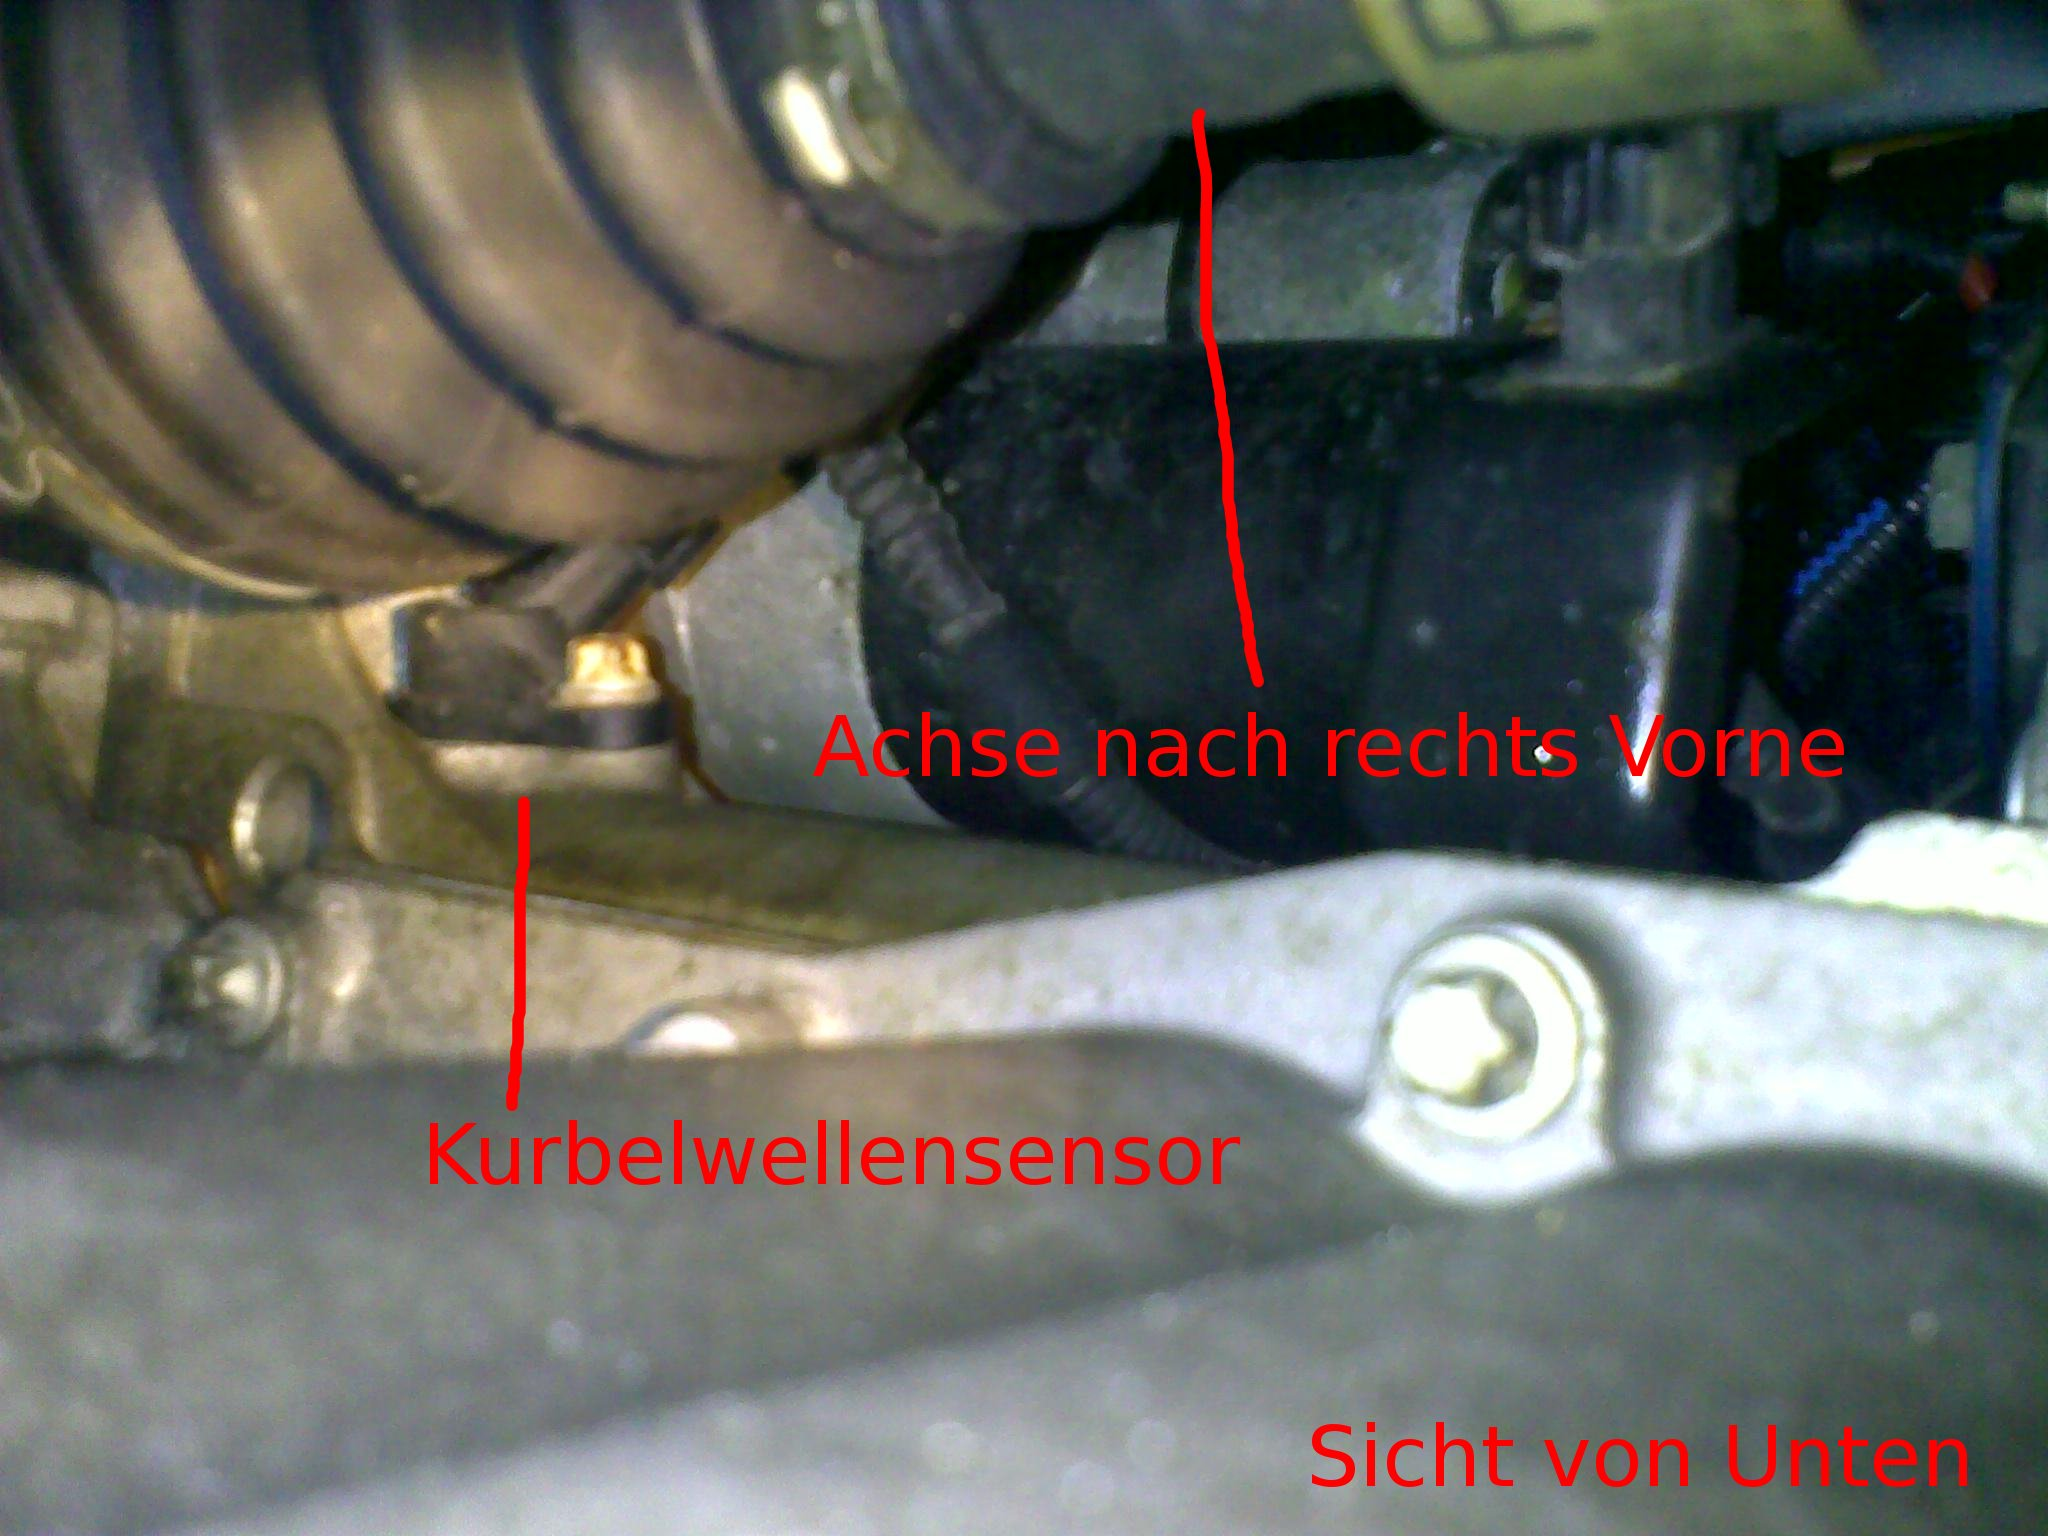 Auto: Opel Corsa C Kurbelwellensensor austauschen | Julius